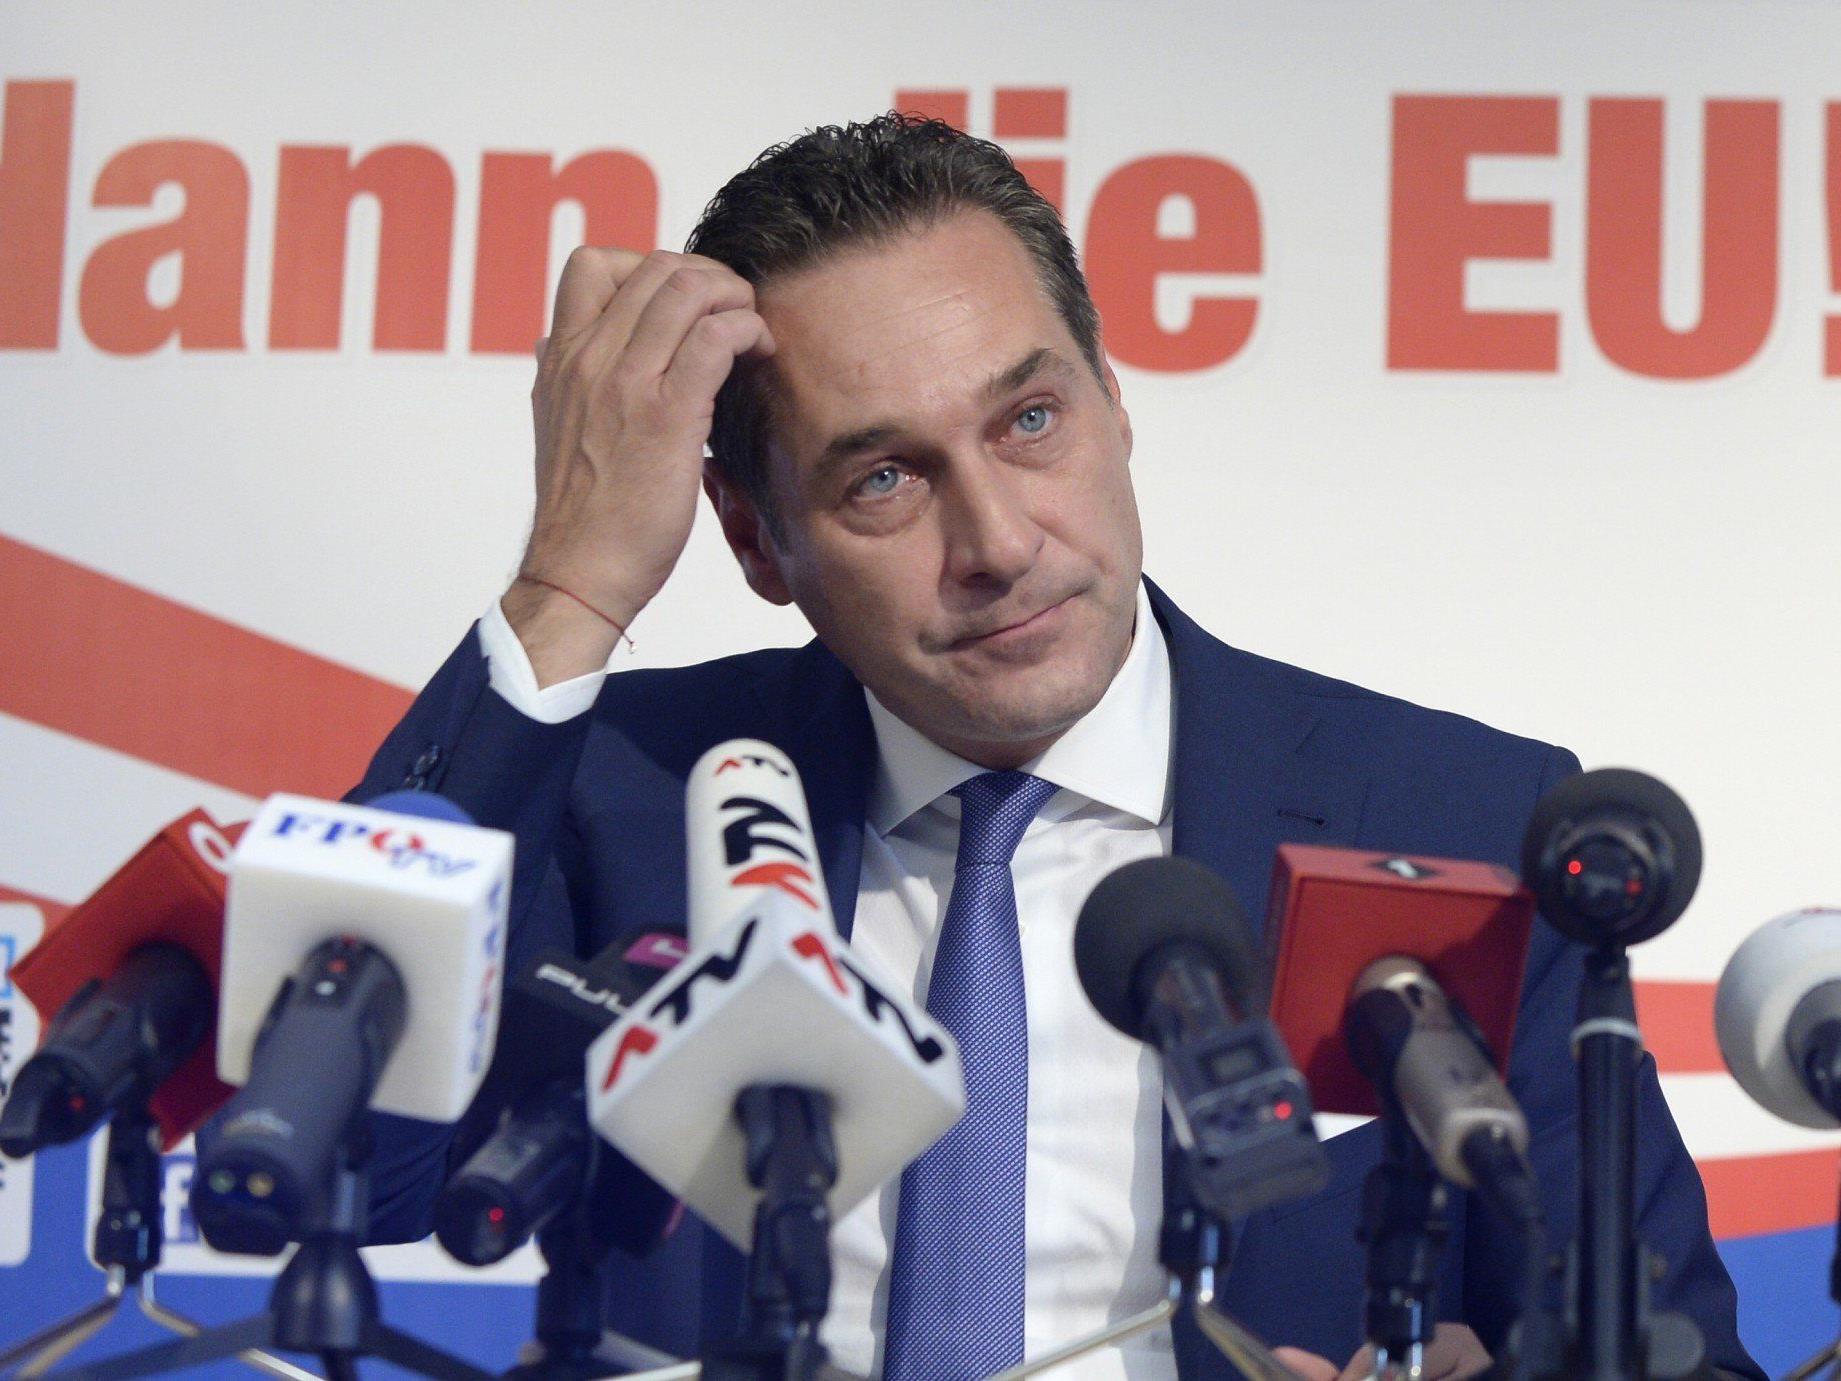 EU-Wahl: FPÖ wirbt mit Strache gegen Dummheit